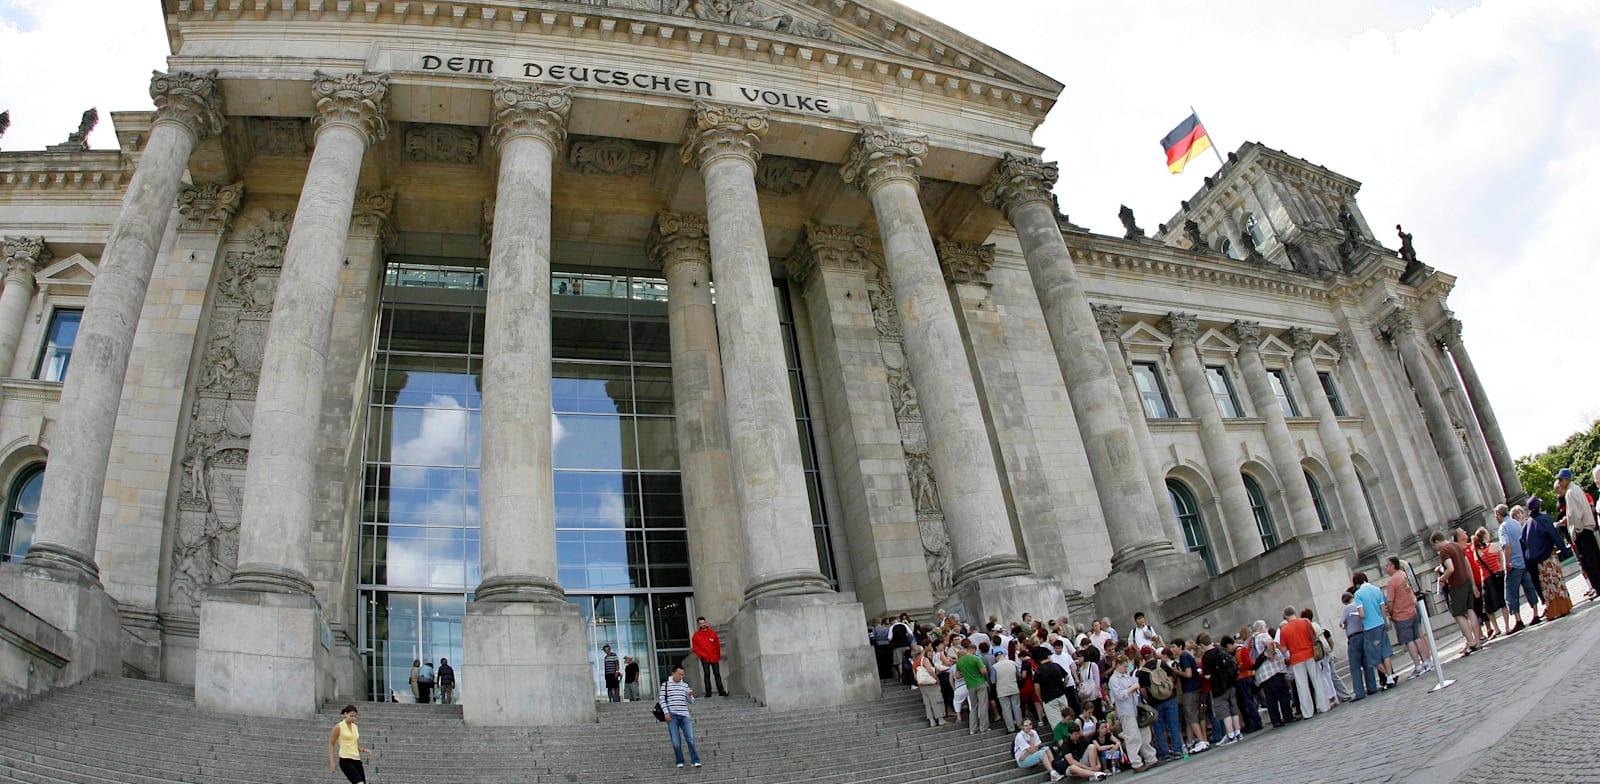 הכניסה לבונדסטאג, הפרלמנט הגרמני בברלין / צילום: Associated Press, Michael Sohn